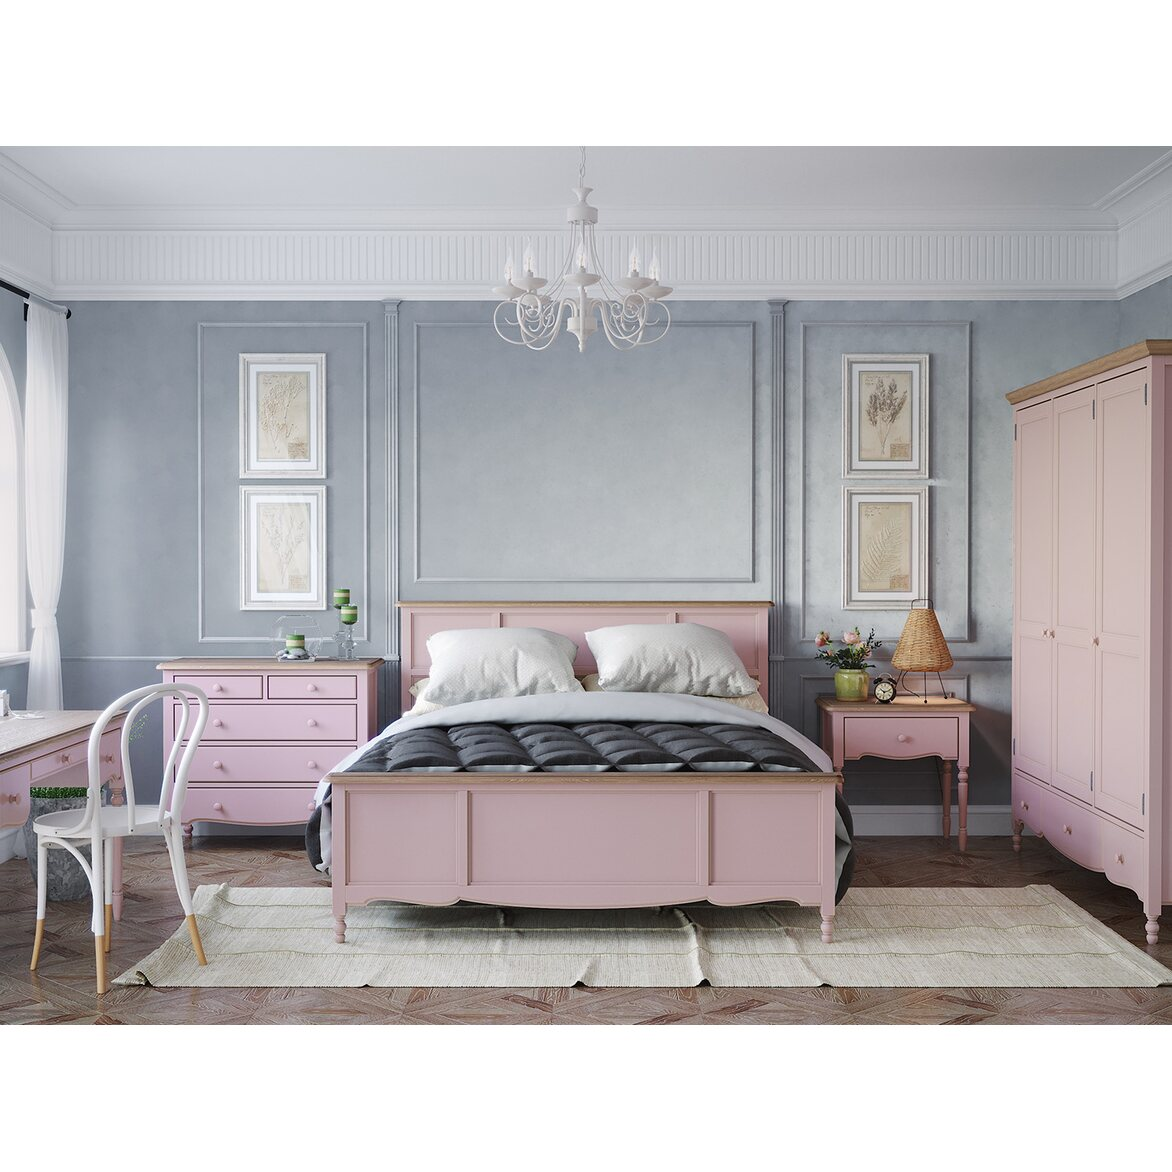 Кровать односпальная 120*200 Leblanc, лаванда 3 | Односпальные кровати Kingsby